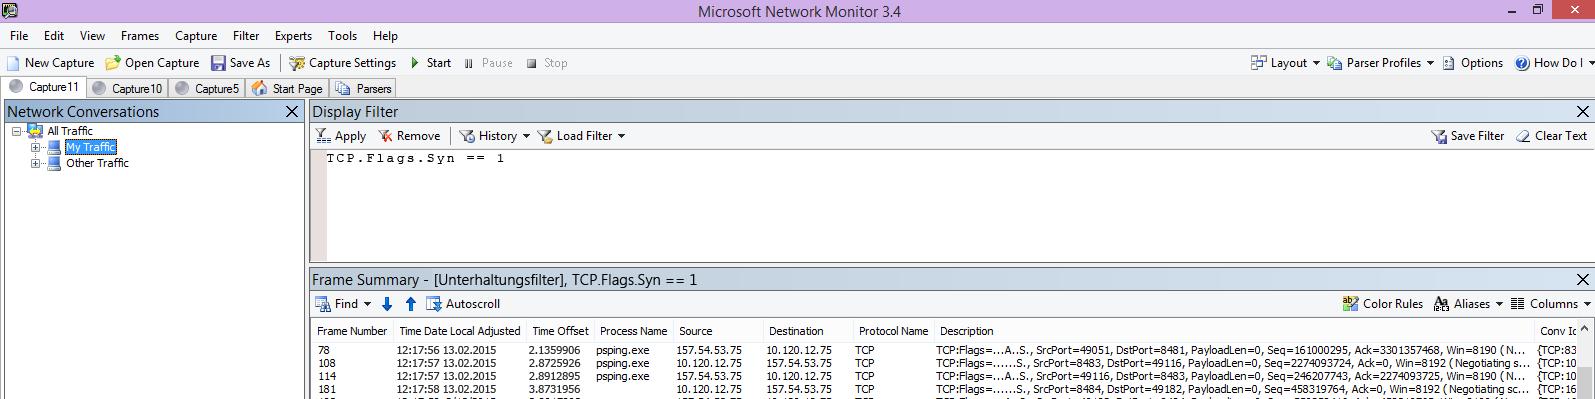 Netmon-Ablaufverfolgung des Clients, die den gleichen PSPing-Befehl über den Filter TCP.Flags.Syn == 1 zeigt.